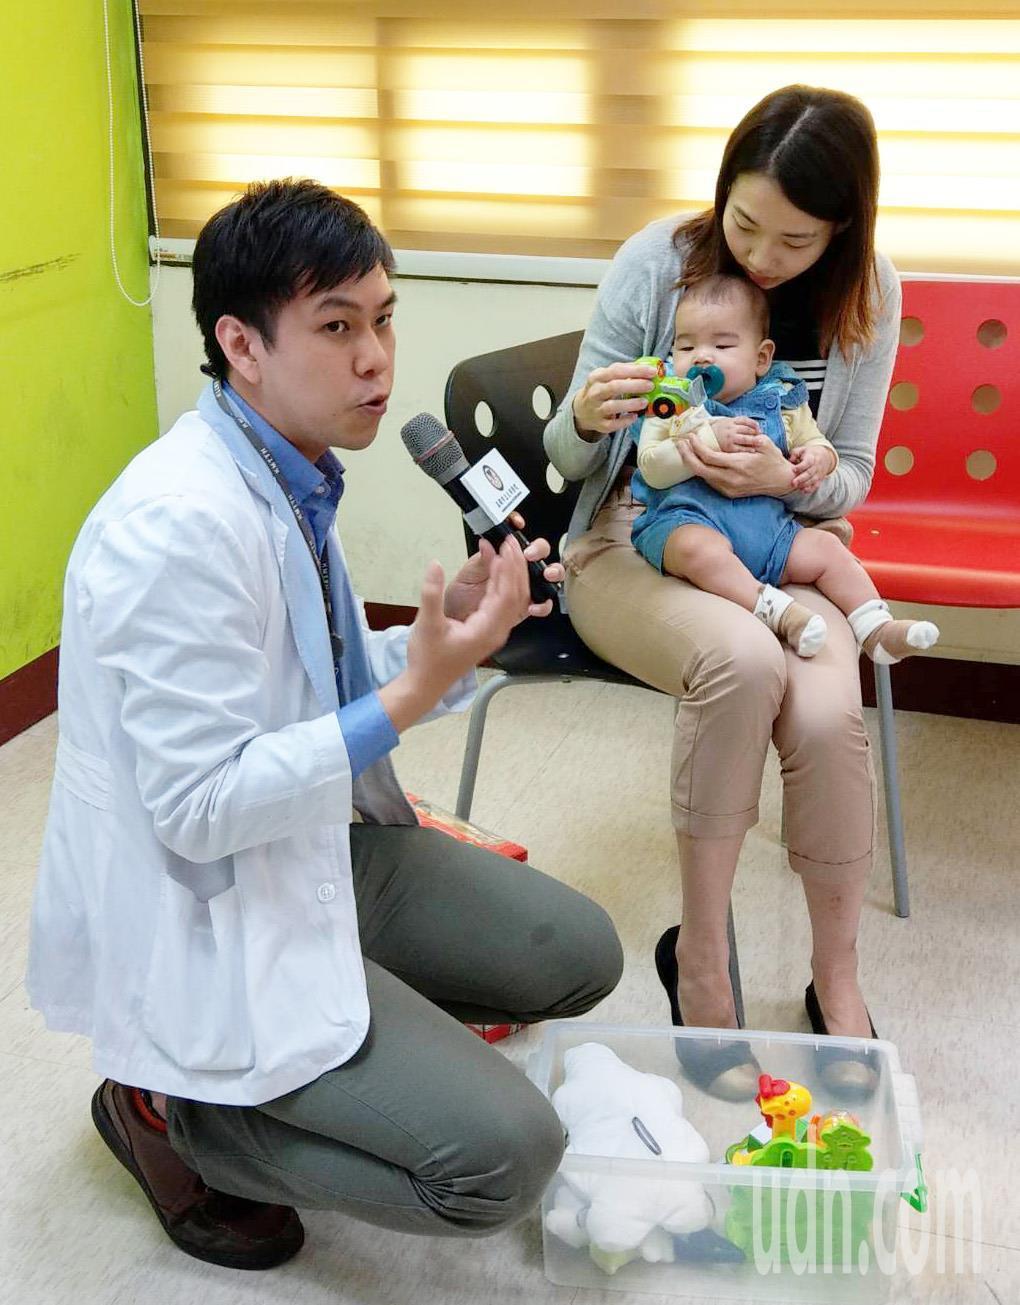 大同醫院臨床心理師教導新手媽媽如何與嬰幼兒互動。圖/大同醫院提供